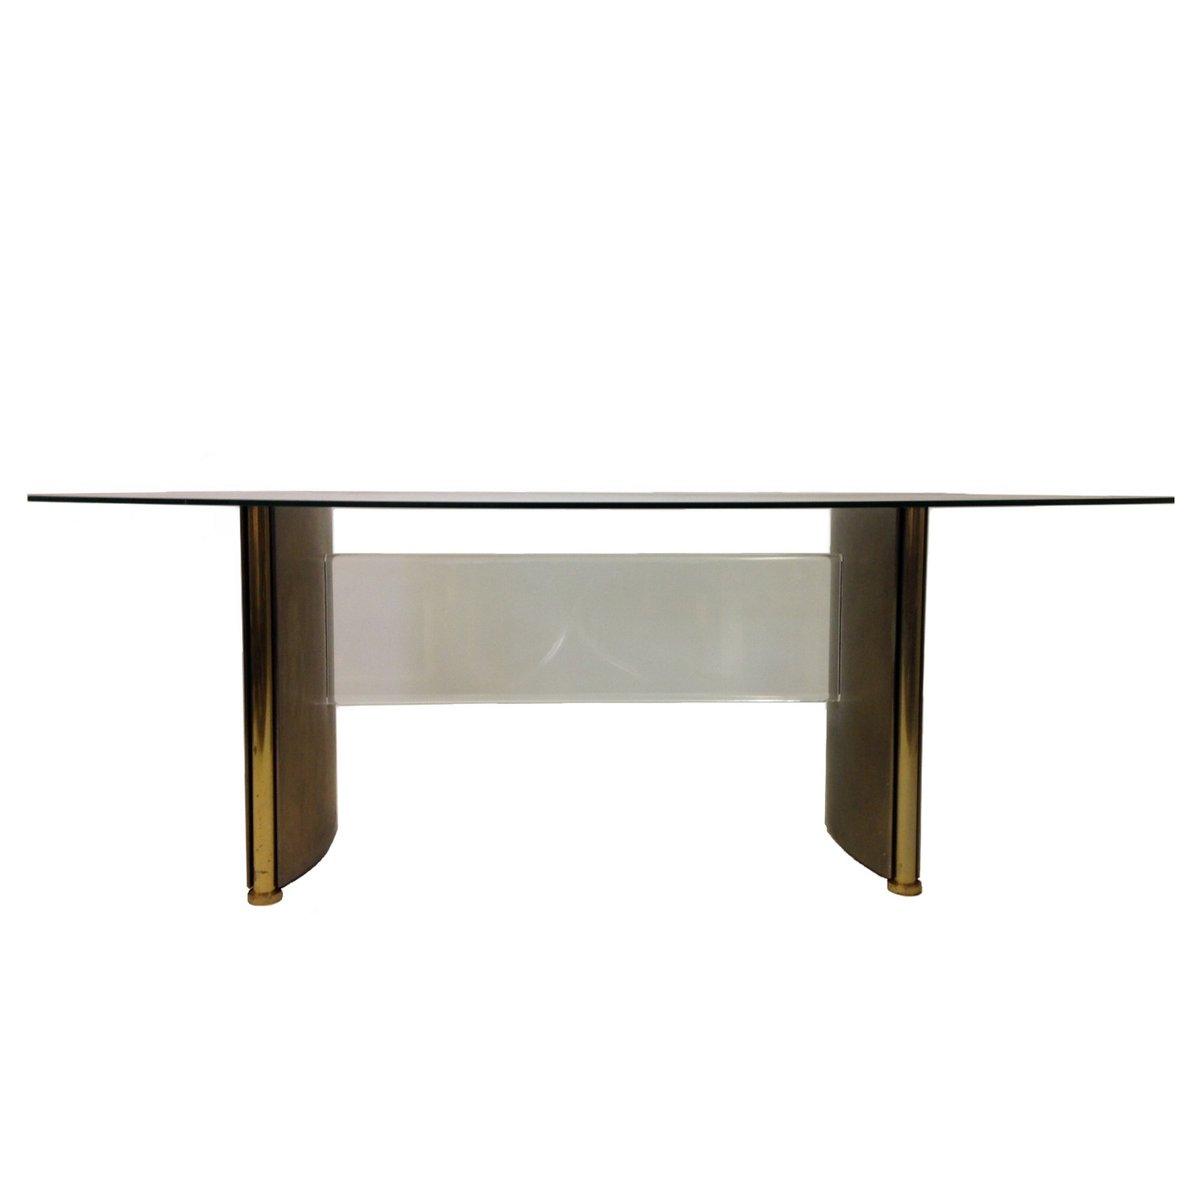 esstisch aus stahl geschwungenem glas 1970er bei pamono kaufen. Black Bedroom Furniture Sets. Home Design Ideas